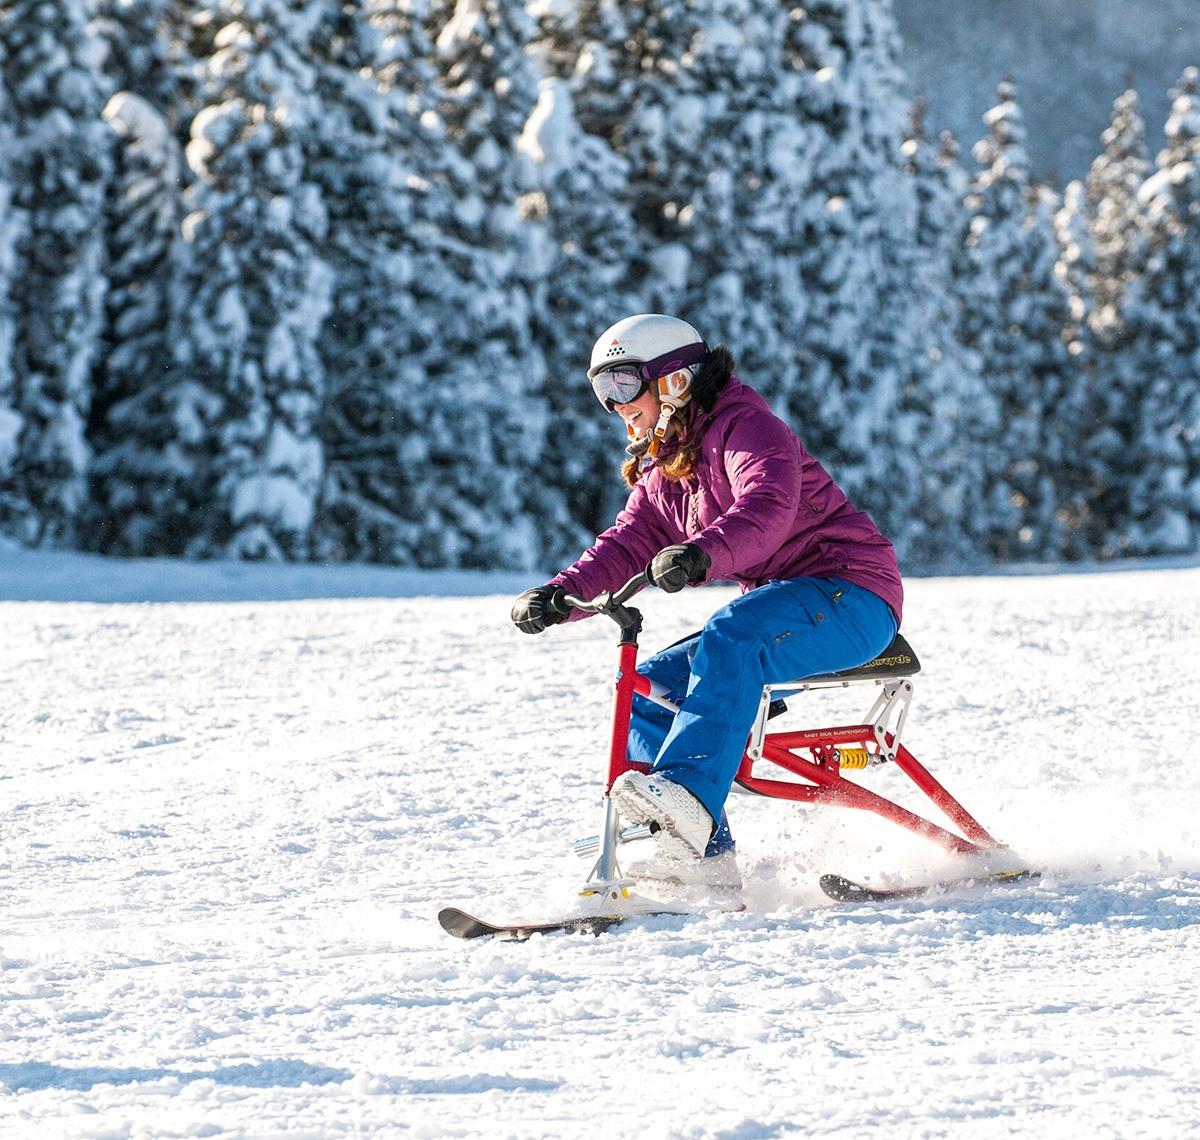 SB-Prices-12000w-x-1180h Snow Bikes (12+)